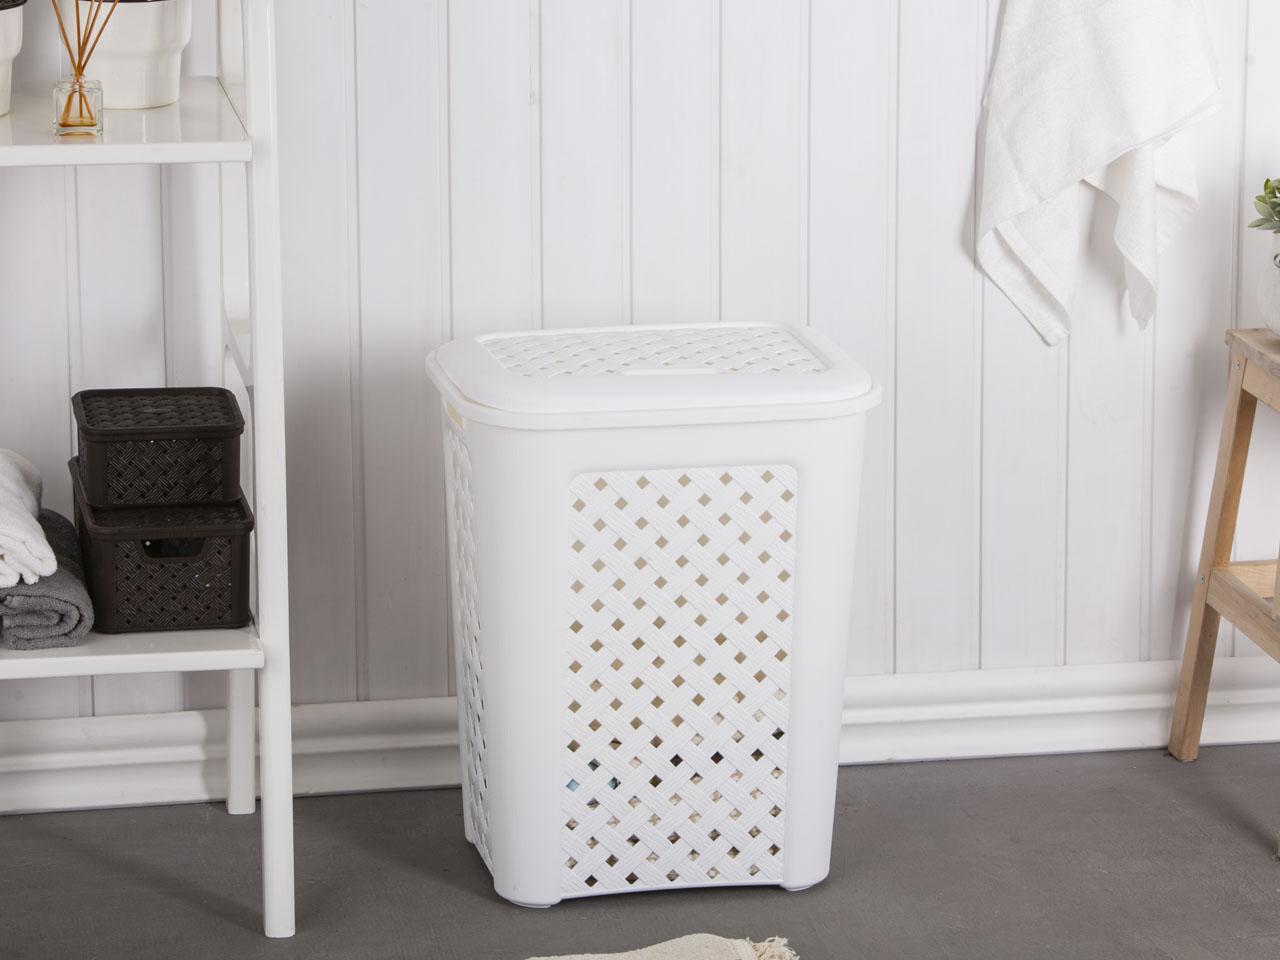 Kosz na pranie / brudownik Arianna 50,7 l biały